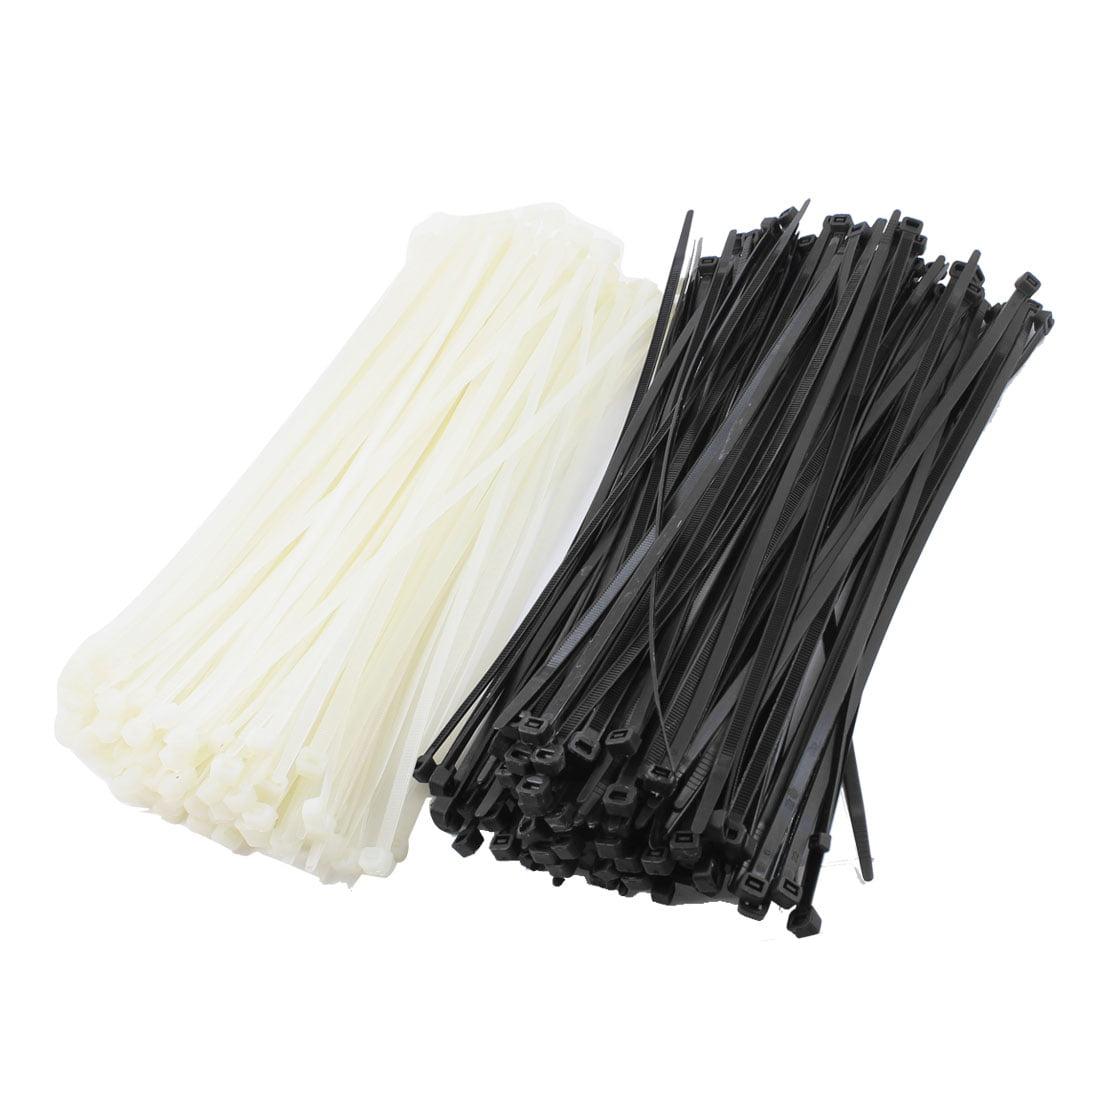 Unique Bargains 350 x Replacing 300mm x 8mm Cable Tie Bundle Nylon ...